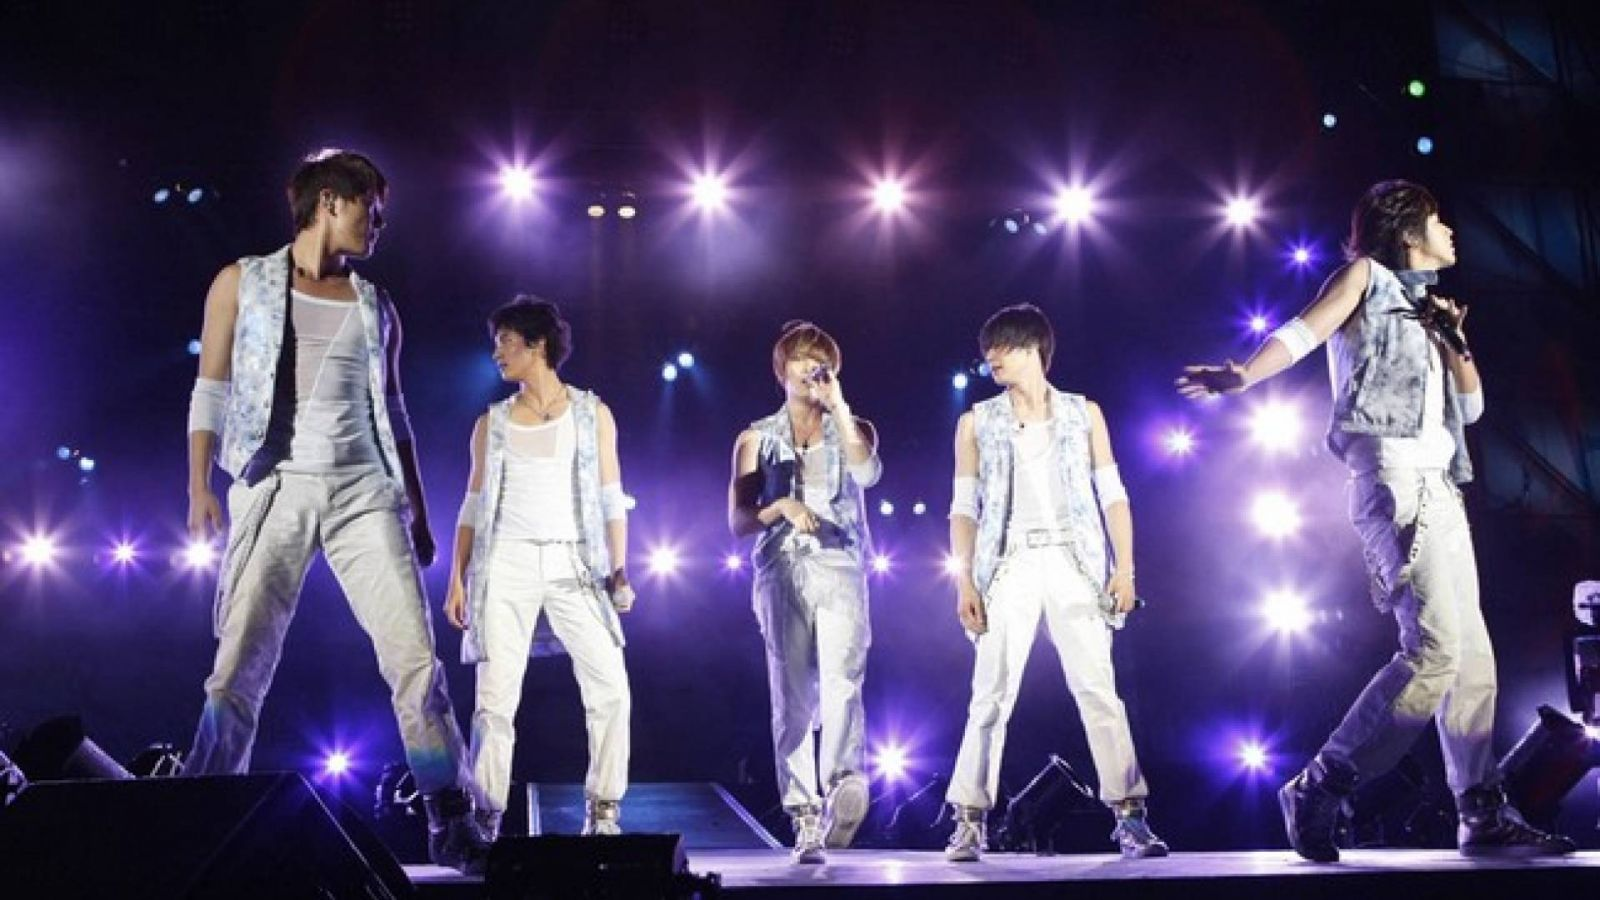 2009 Dream Concert: DBSK fora e 2PM com 6 membros © Avex Entertainment Inc.